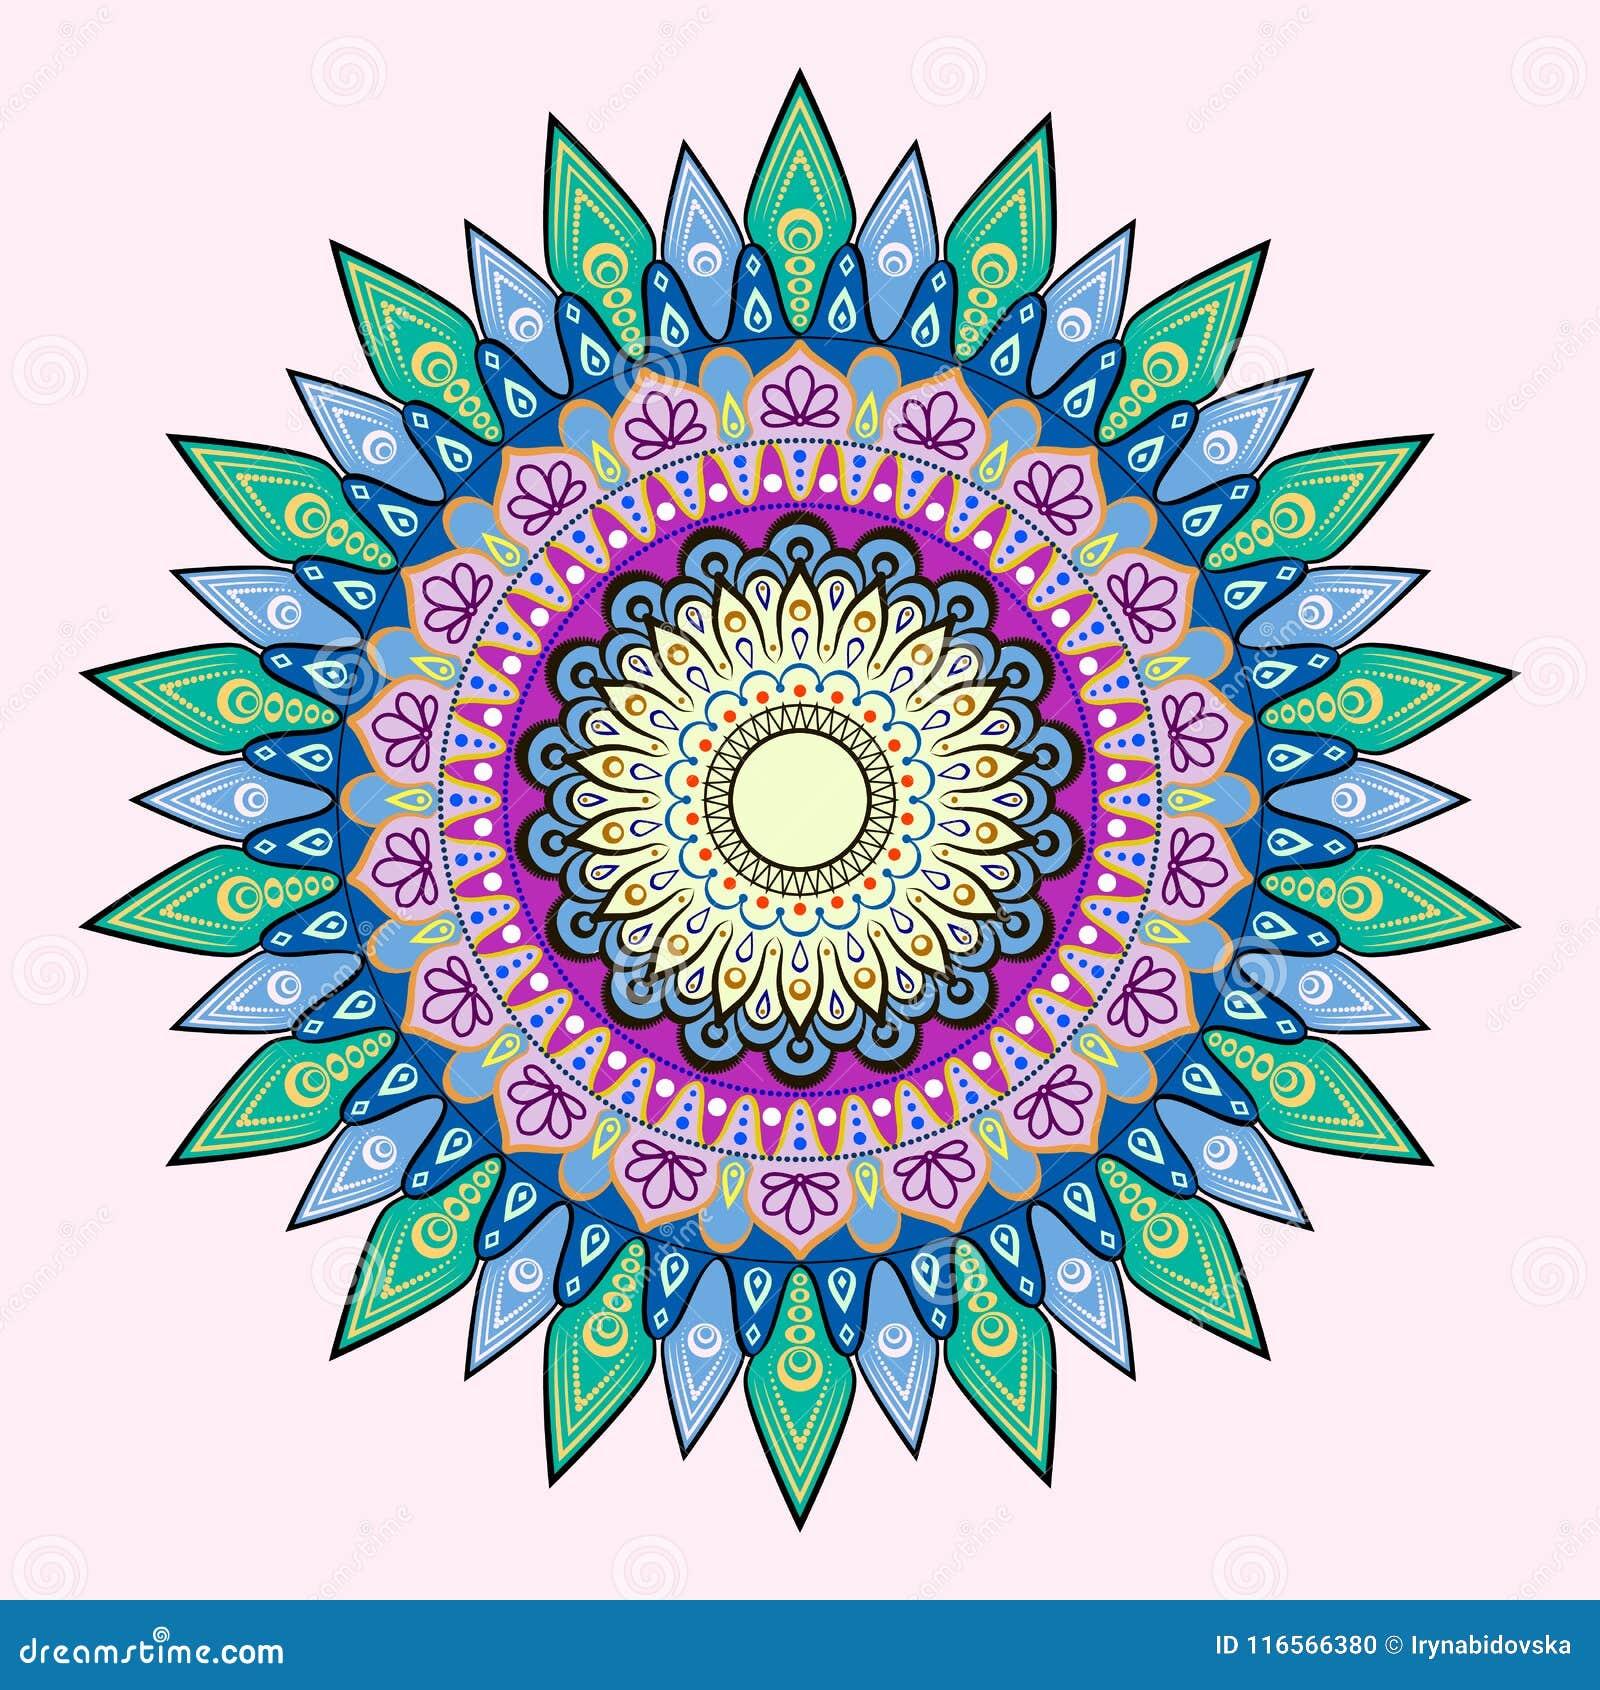 Bloem Mandala Uitstekende decoratieve elementen Oosters patroon, gekleurde vectorillustratie